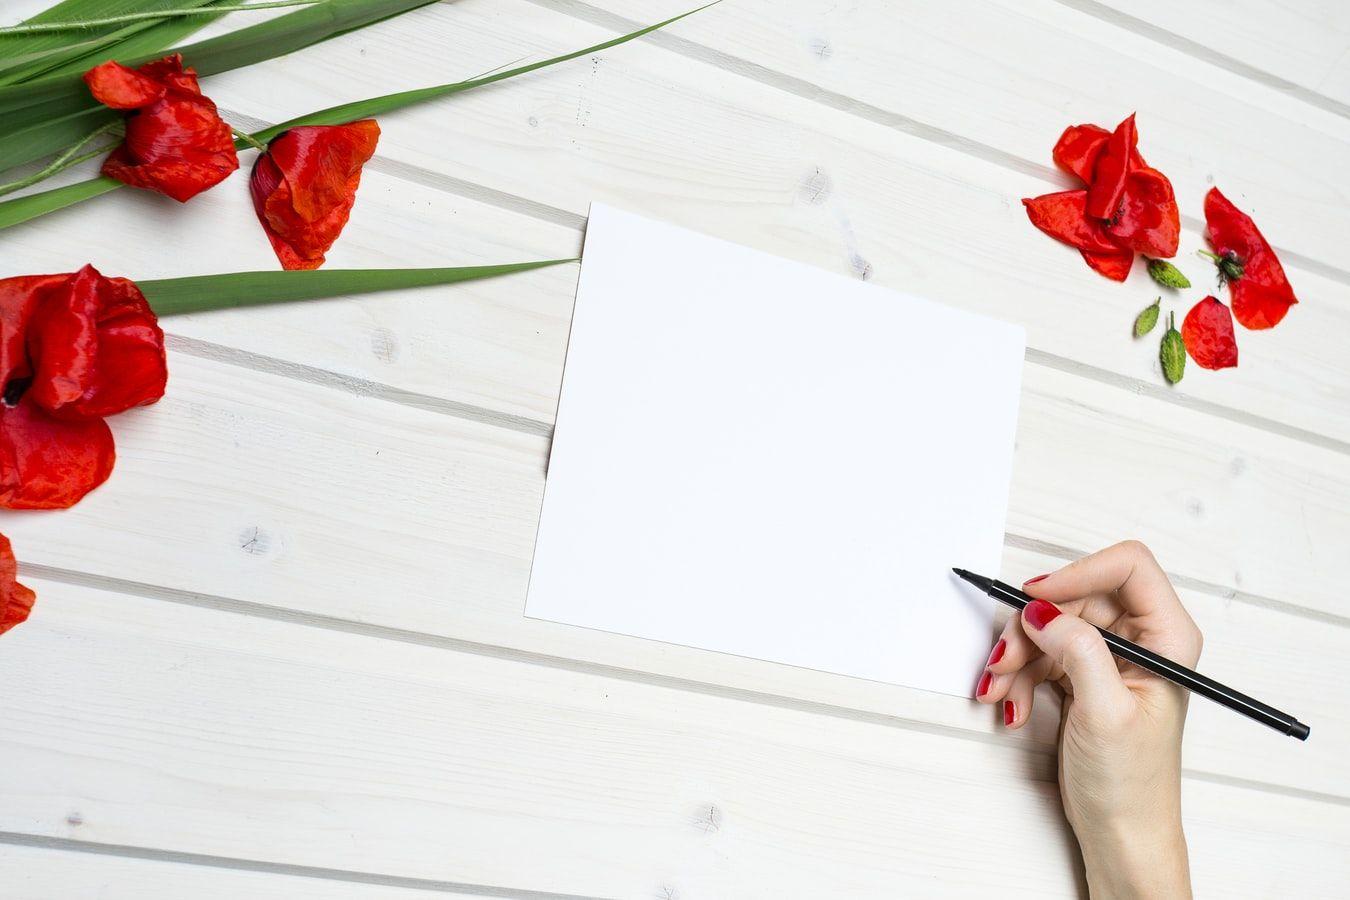 Точечный красный цвет поможет сосредоточиться на работе